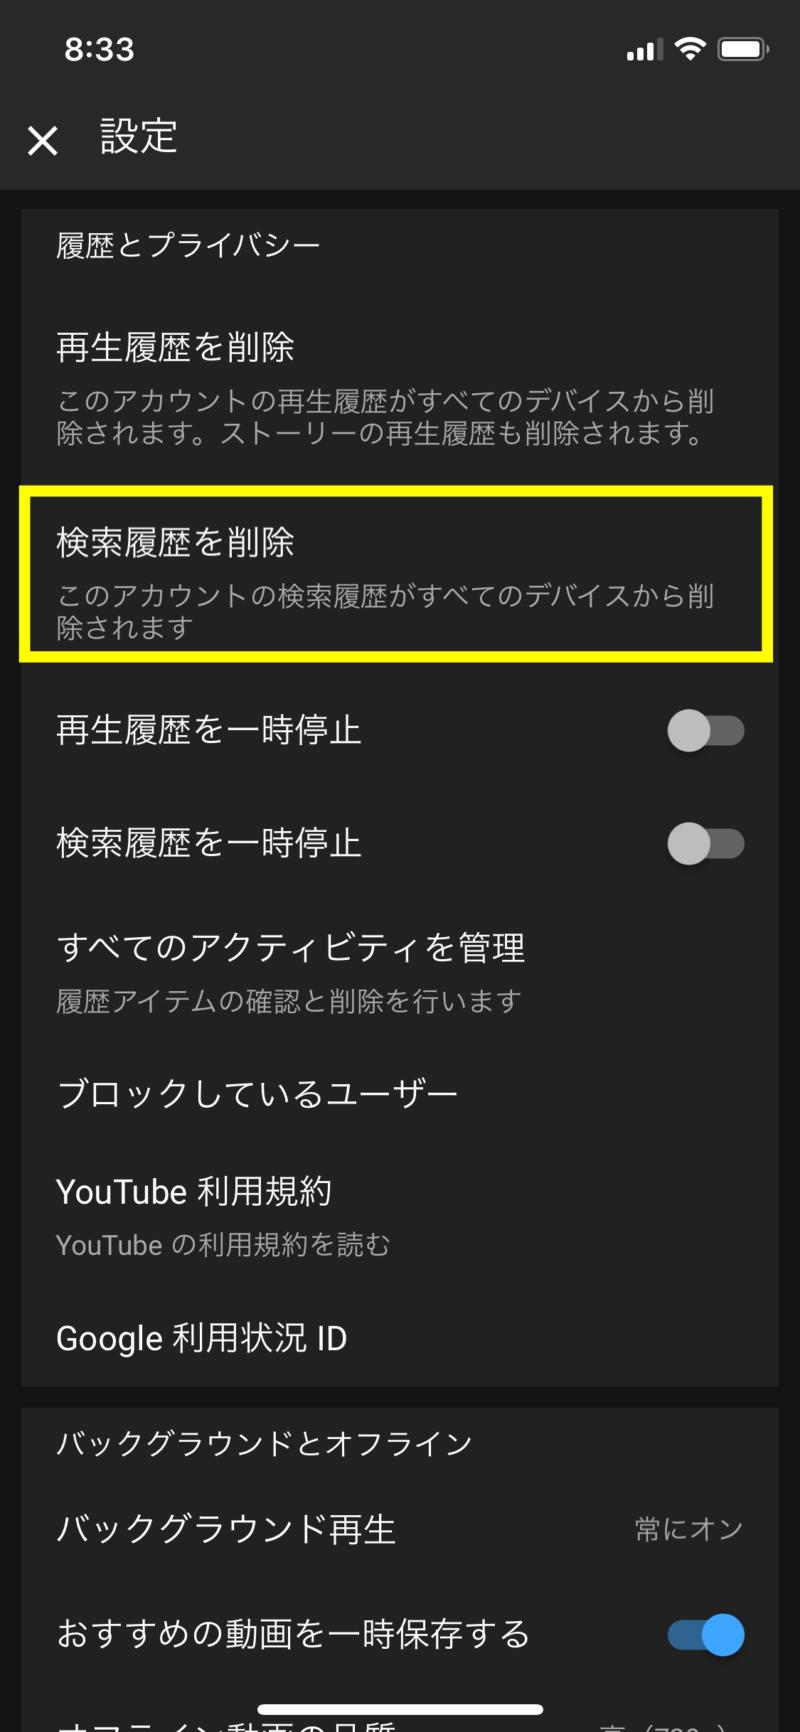 ユーチューブの検索履歴を一括削除する方法